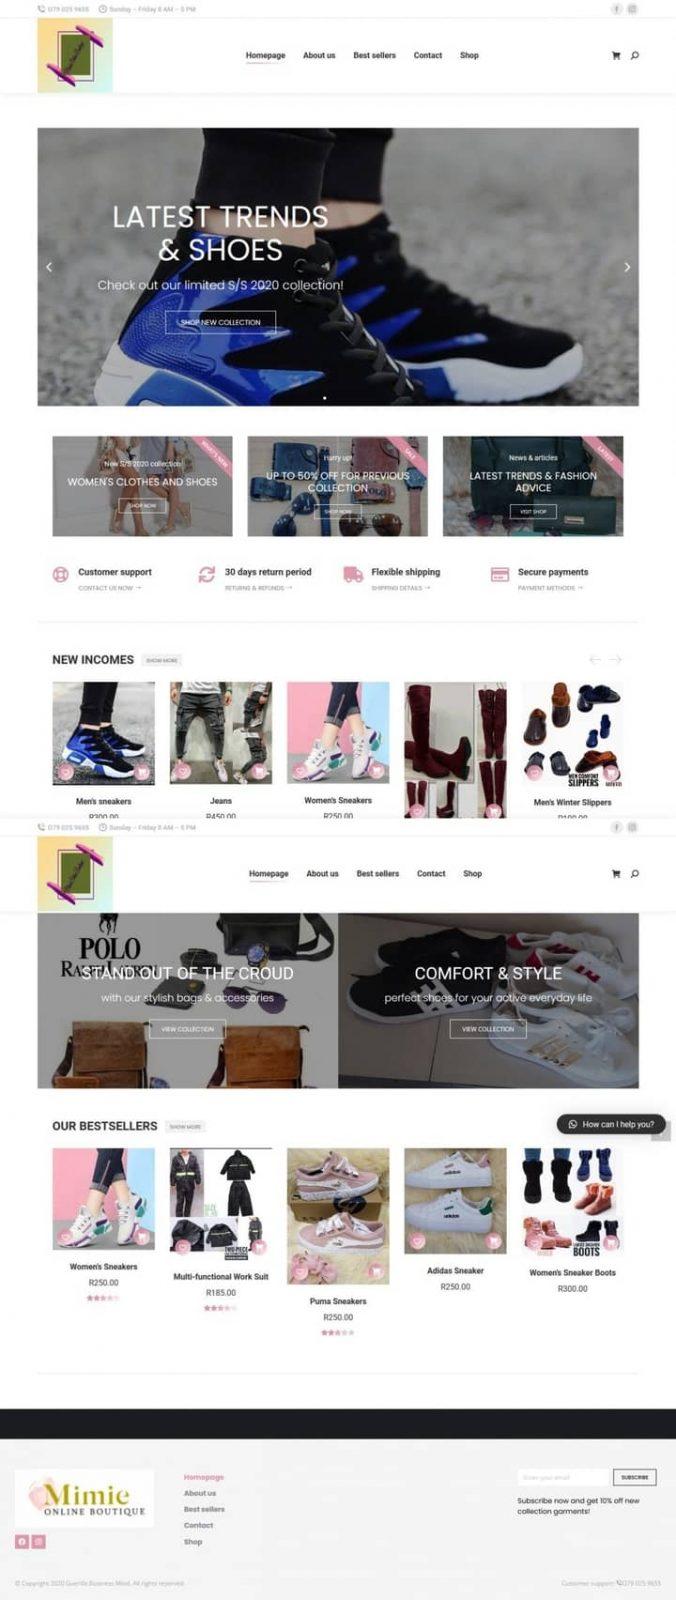 Mimiesonline Boutique website screenshot for a portfolio of Business category